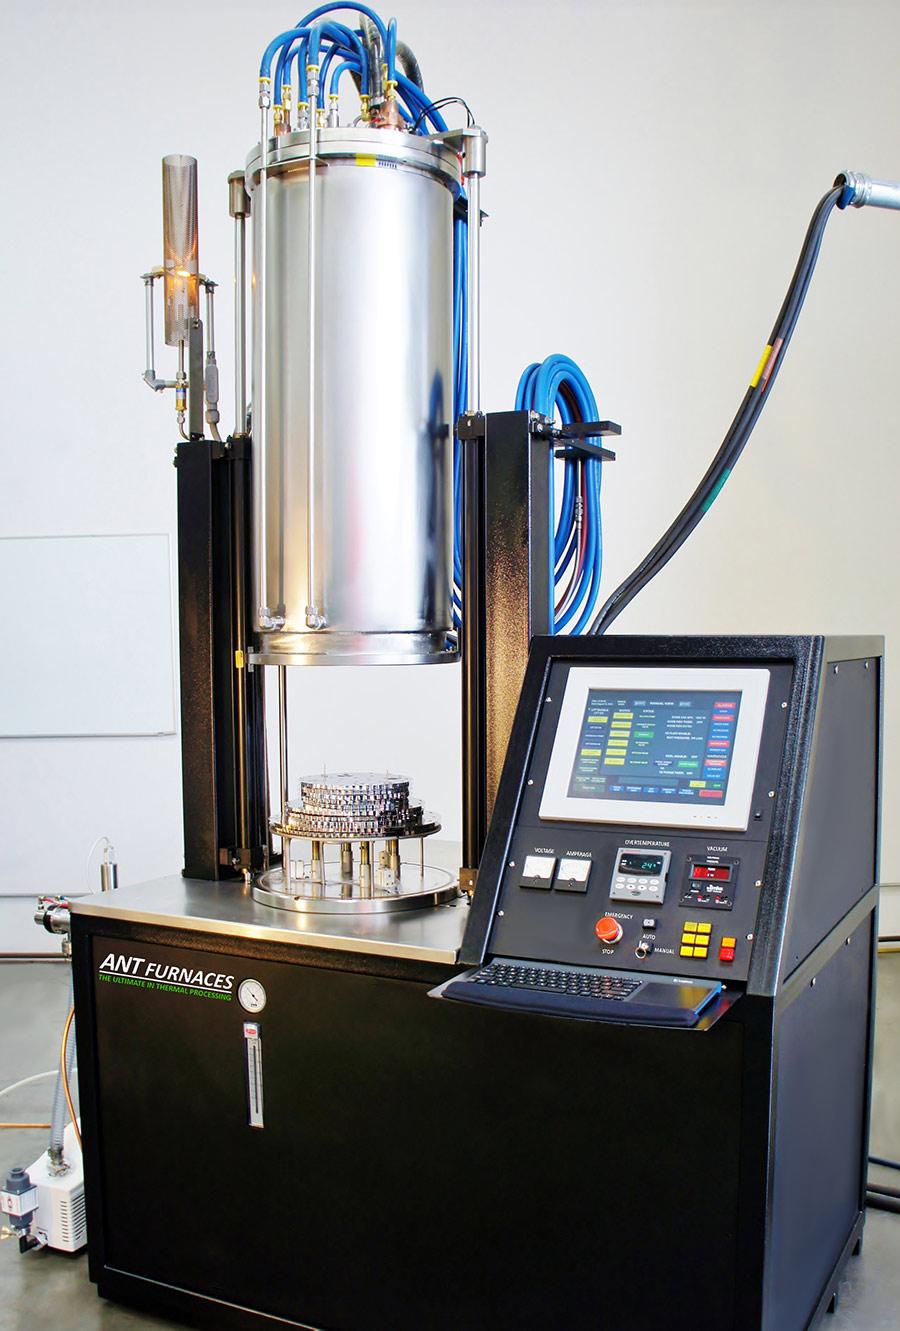 Made-in-California-manufacturer-Ant-Furnace-M1020rebuild